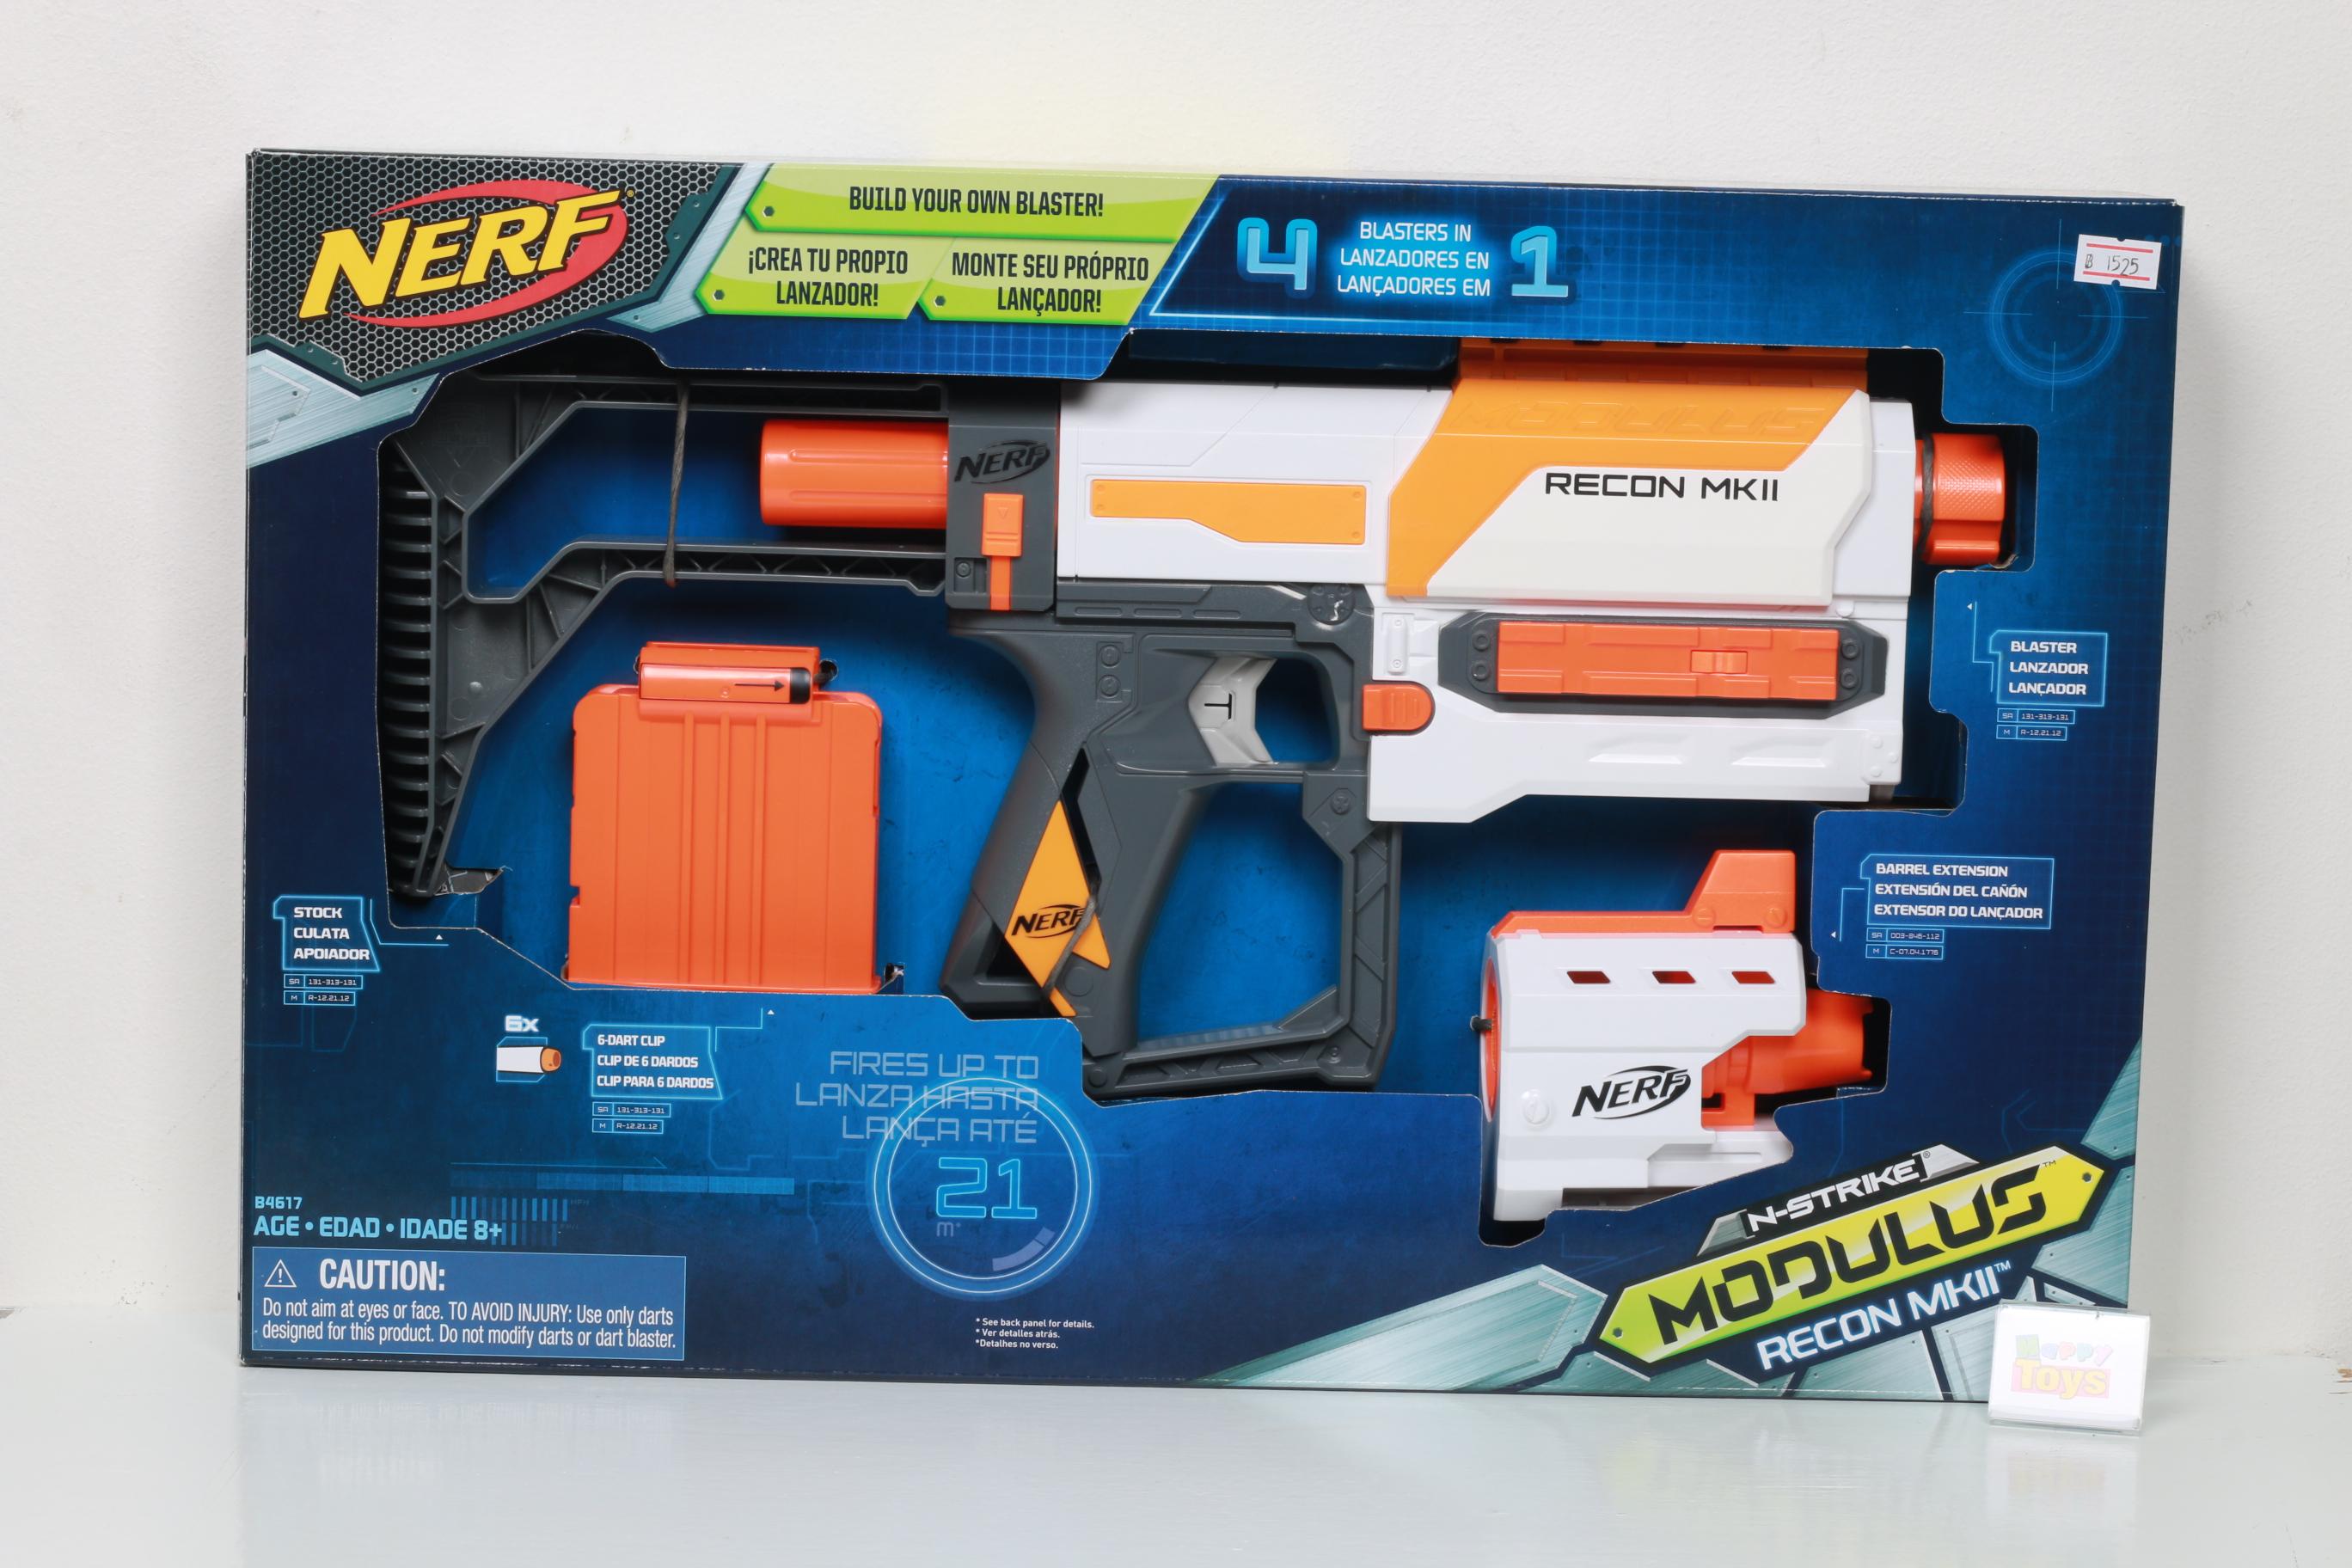 ปืนเนิร์ฟ Nerf N-Strike Modulusn Recon Mkll ปินNerf